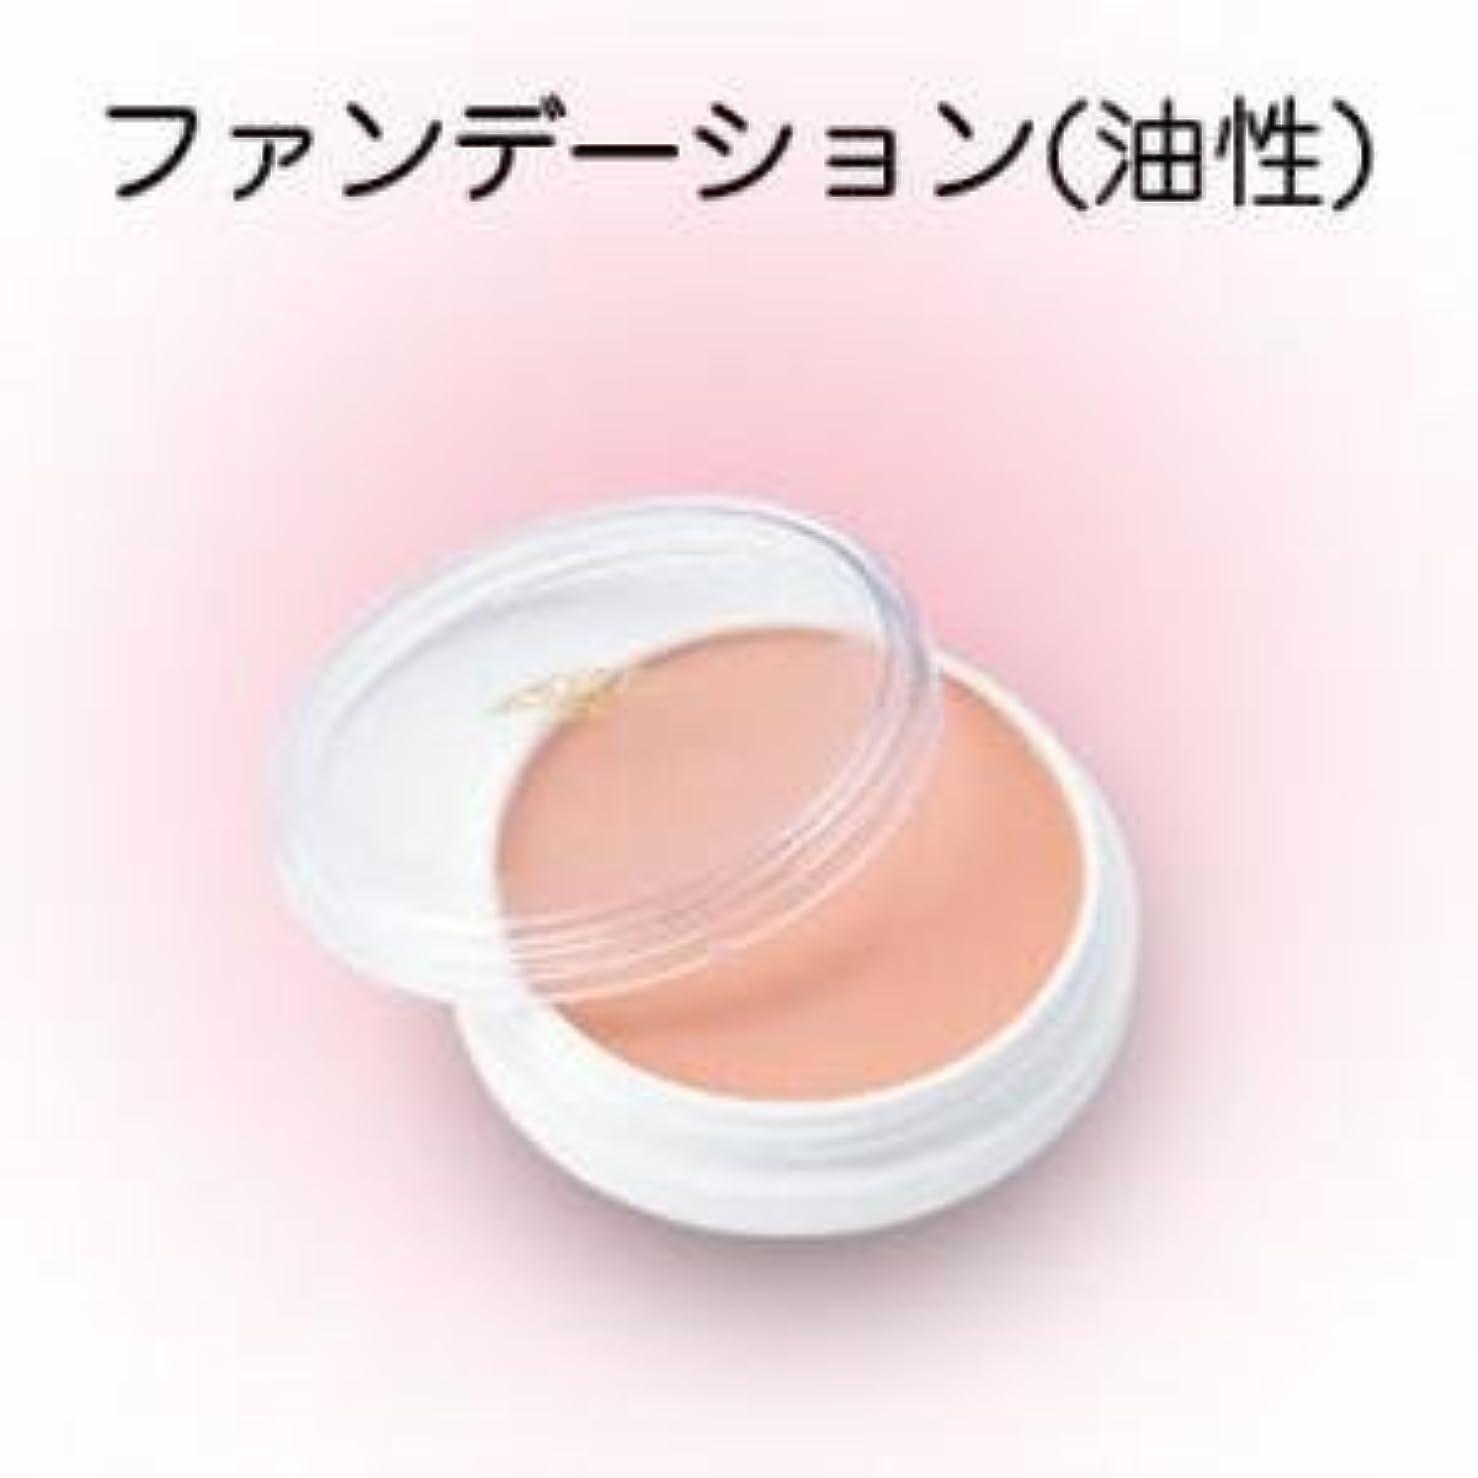 規範特異な試験舞台用化粧品 三善 グリースペイント 28B 8g ドーラン